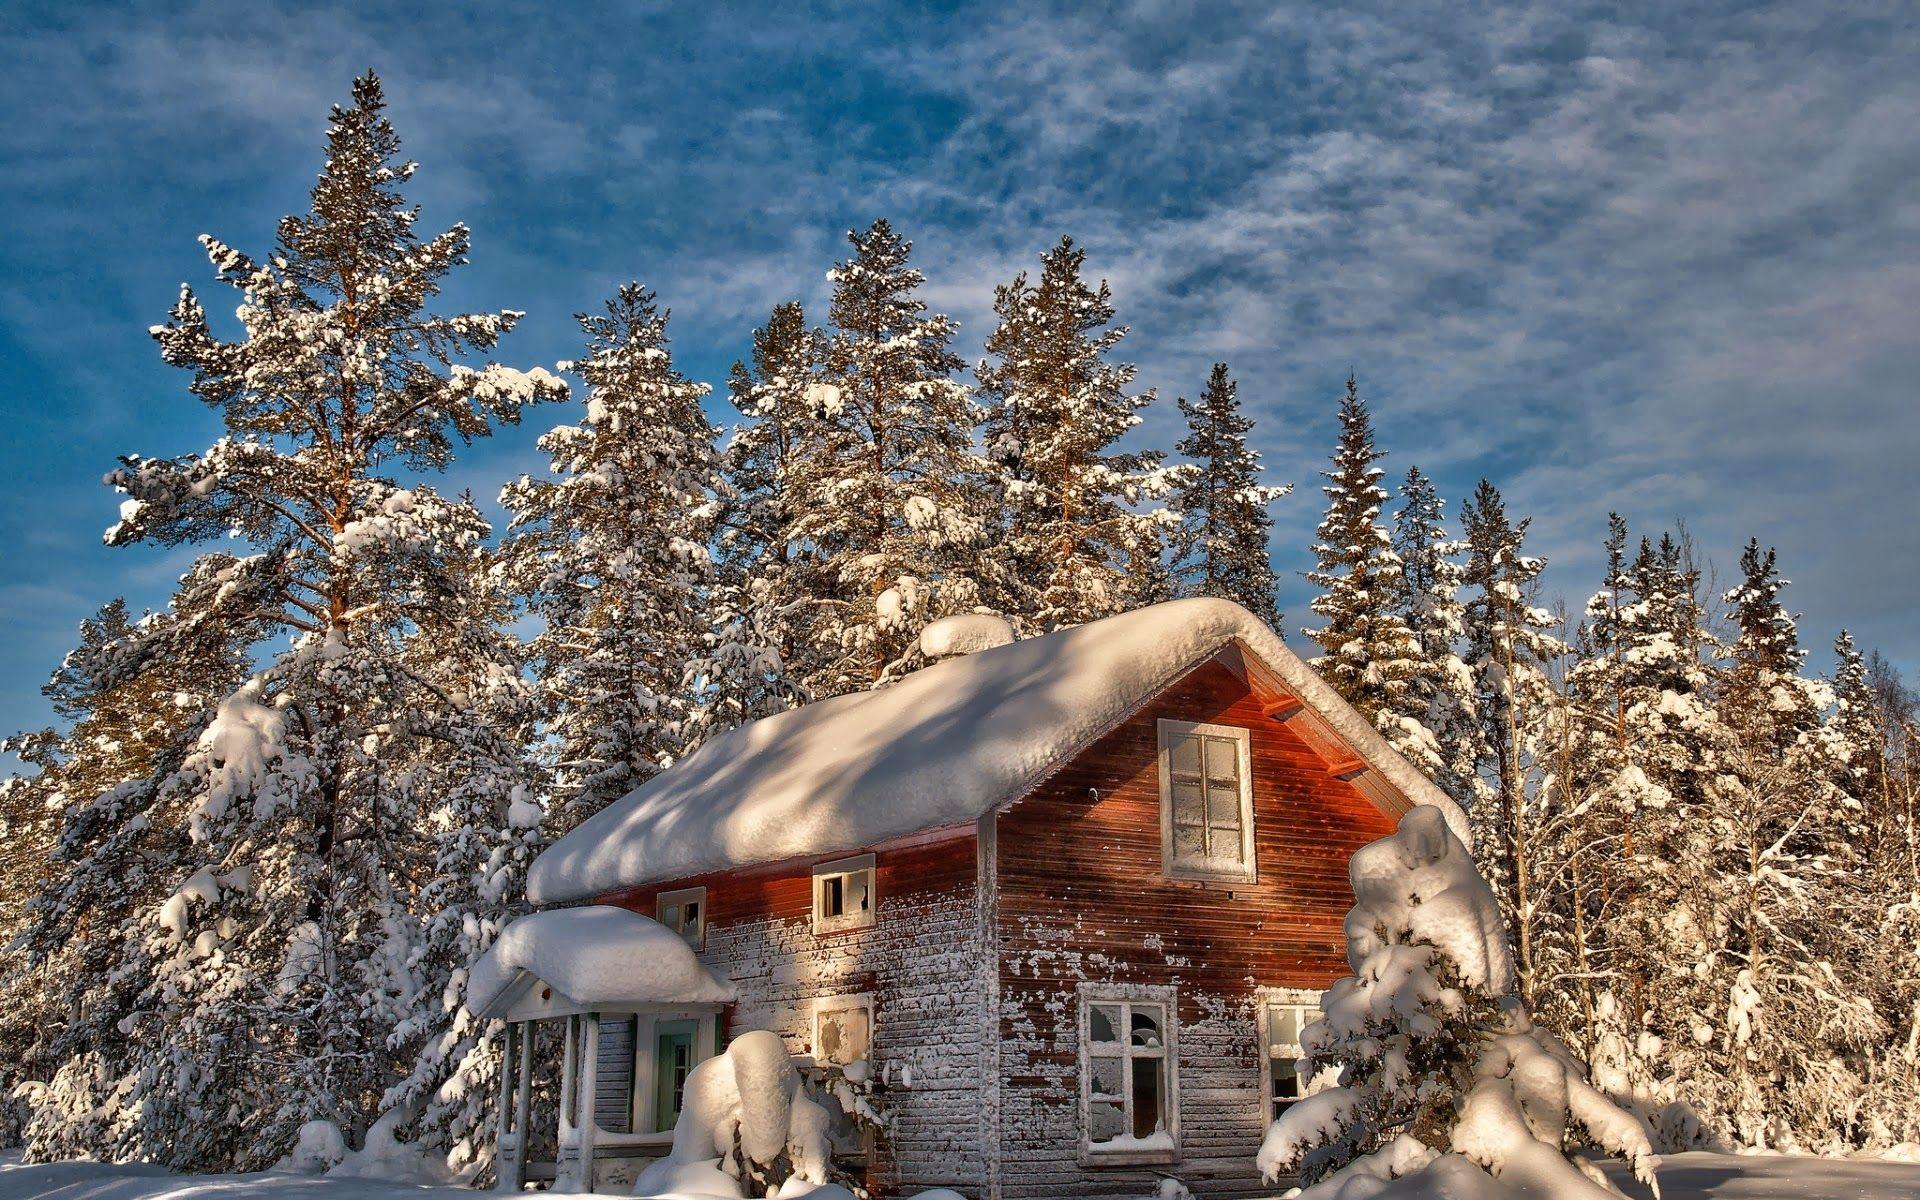 paisajes de invierno - Buscar con Google